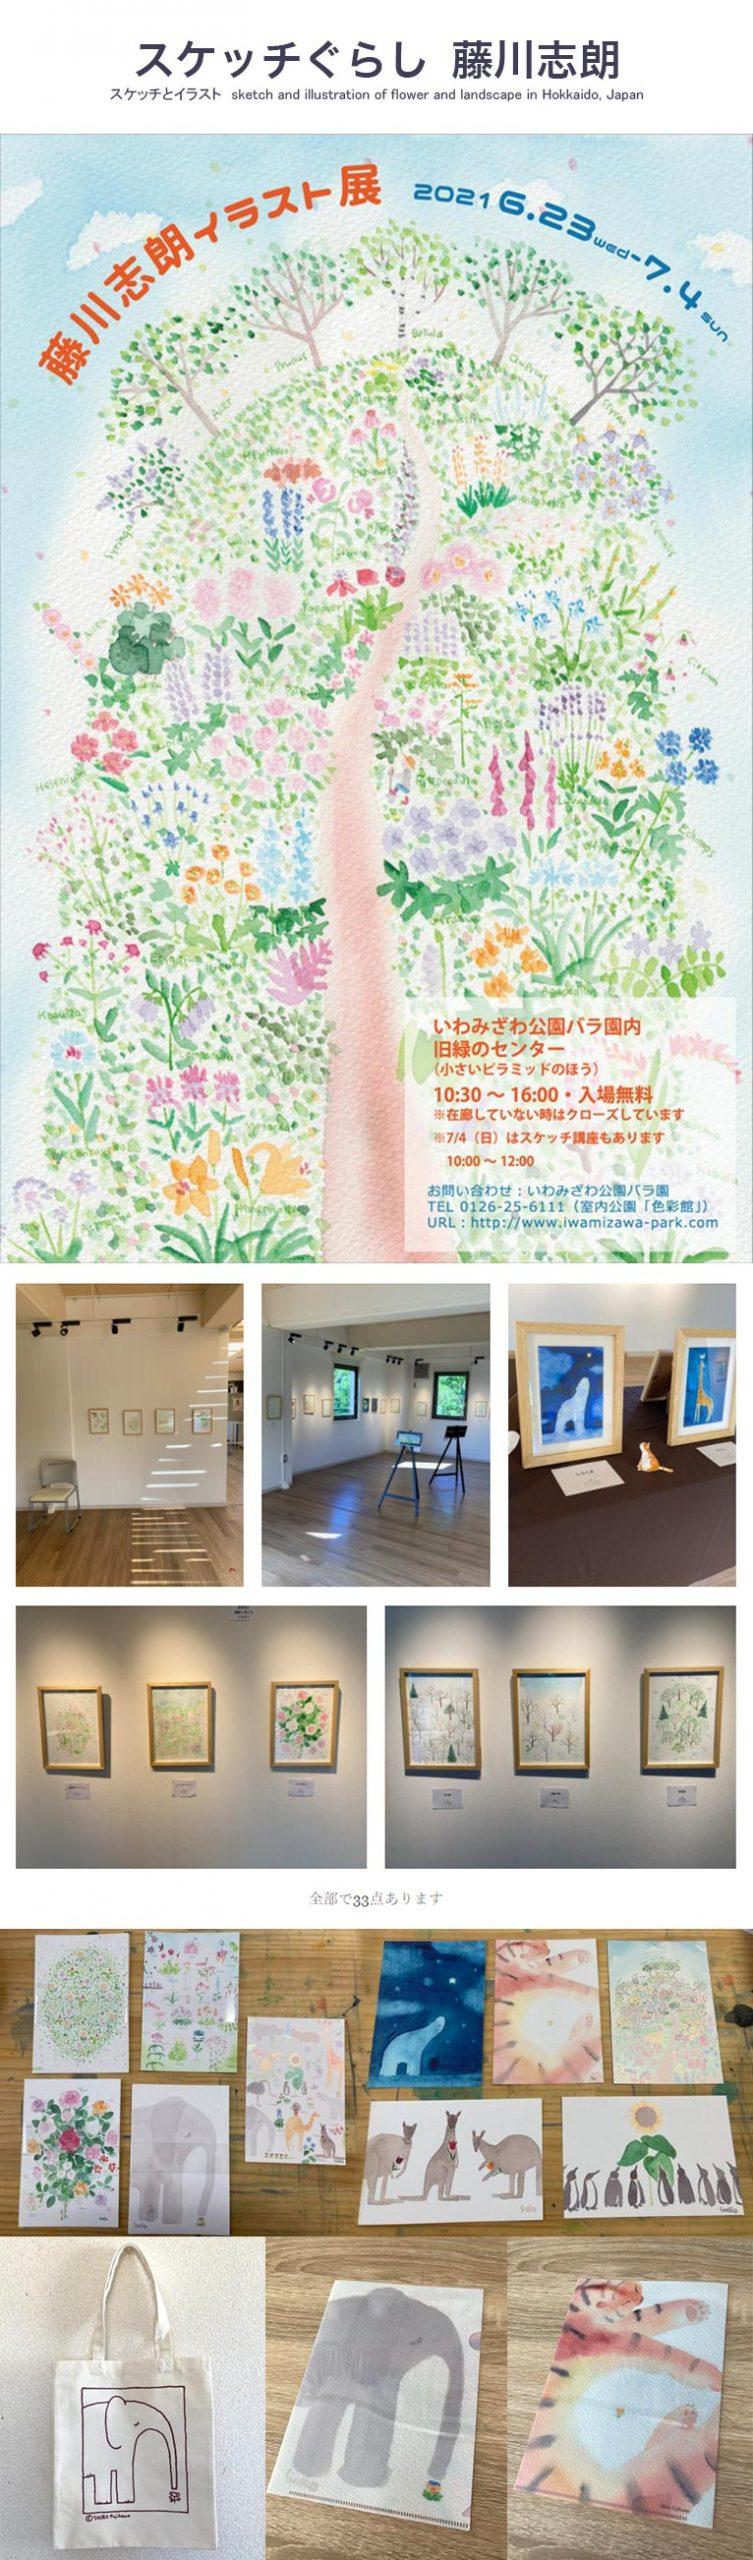 2021年6月23日~7月4日 藤川志朗イラスト展 7月4日スケッチ講座開催 いわみざわ公園